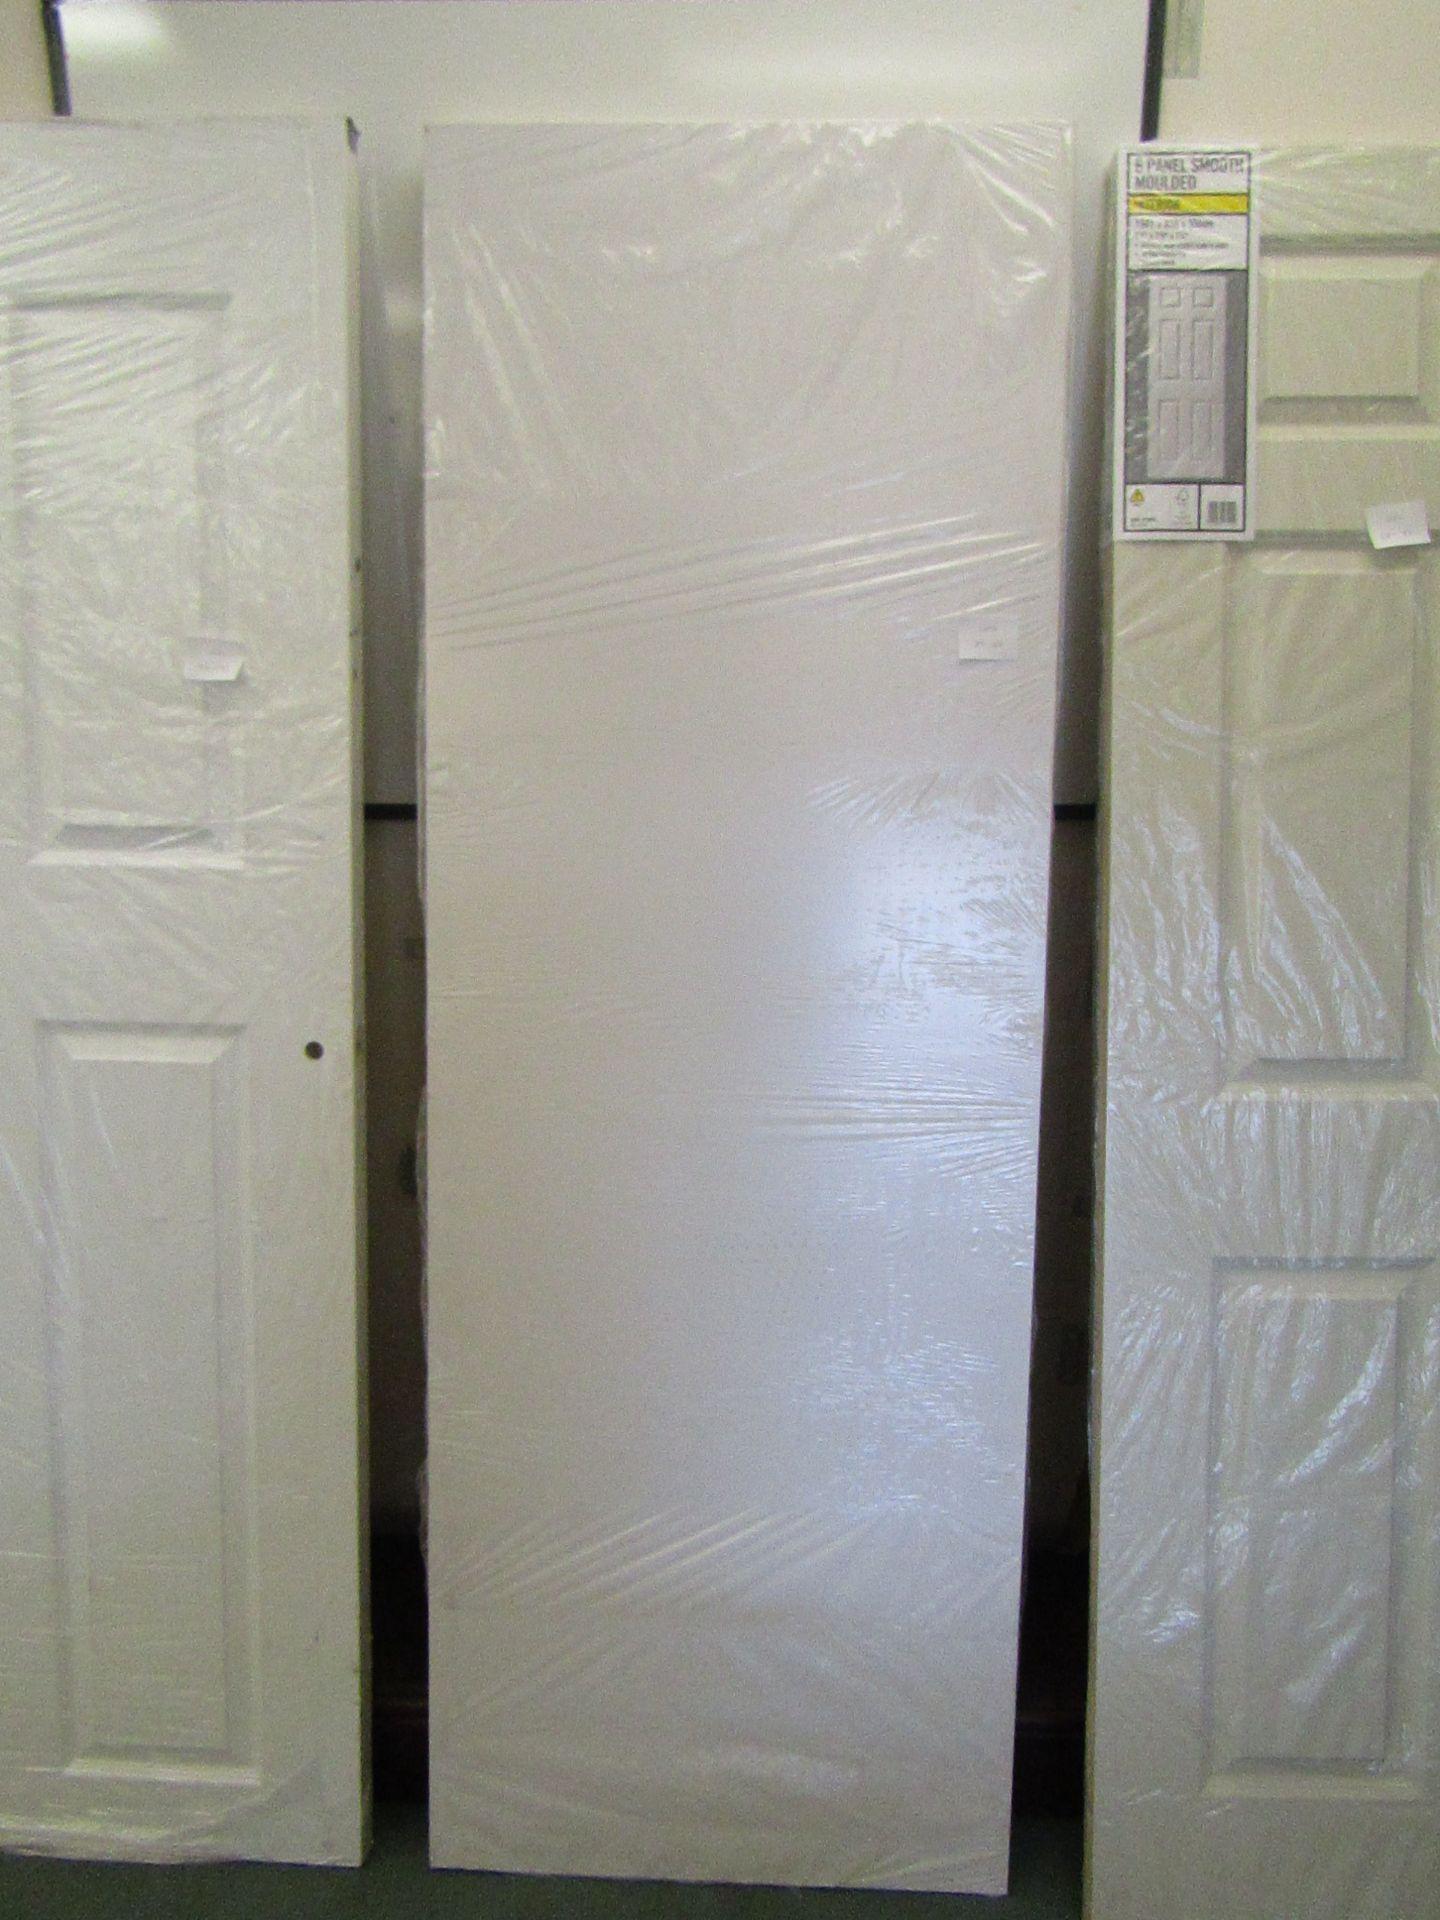 Lot 17 - Prem Door white smooth 30 min (FD30) fire door 686mm wide, unused